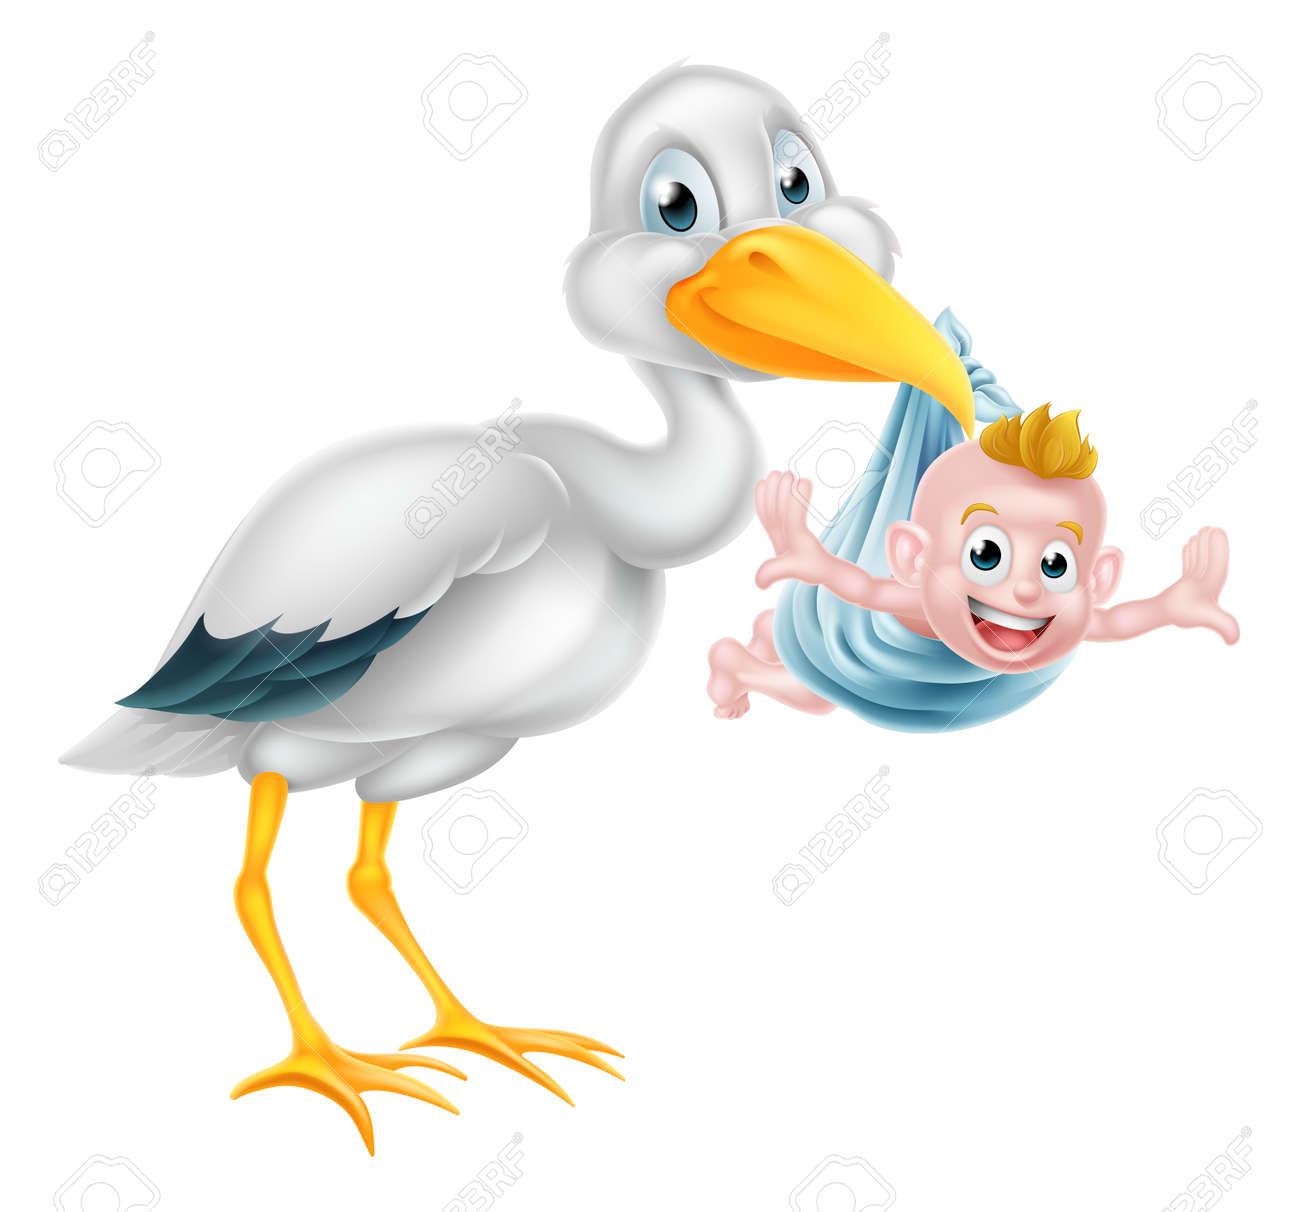 an illustration of a cartoon stork bird holding a newborn baby